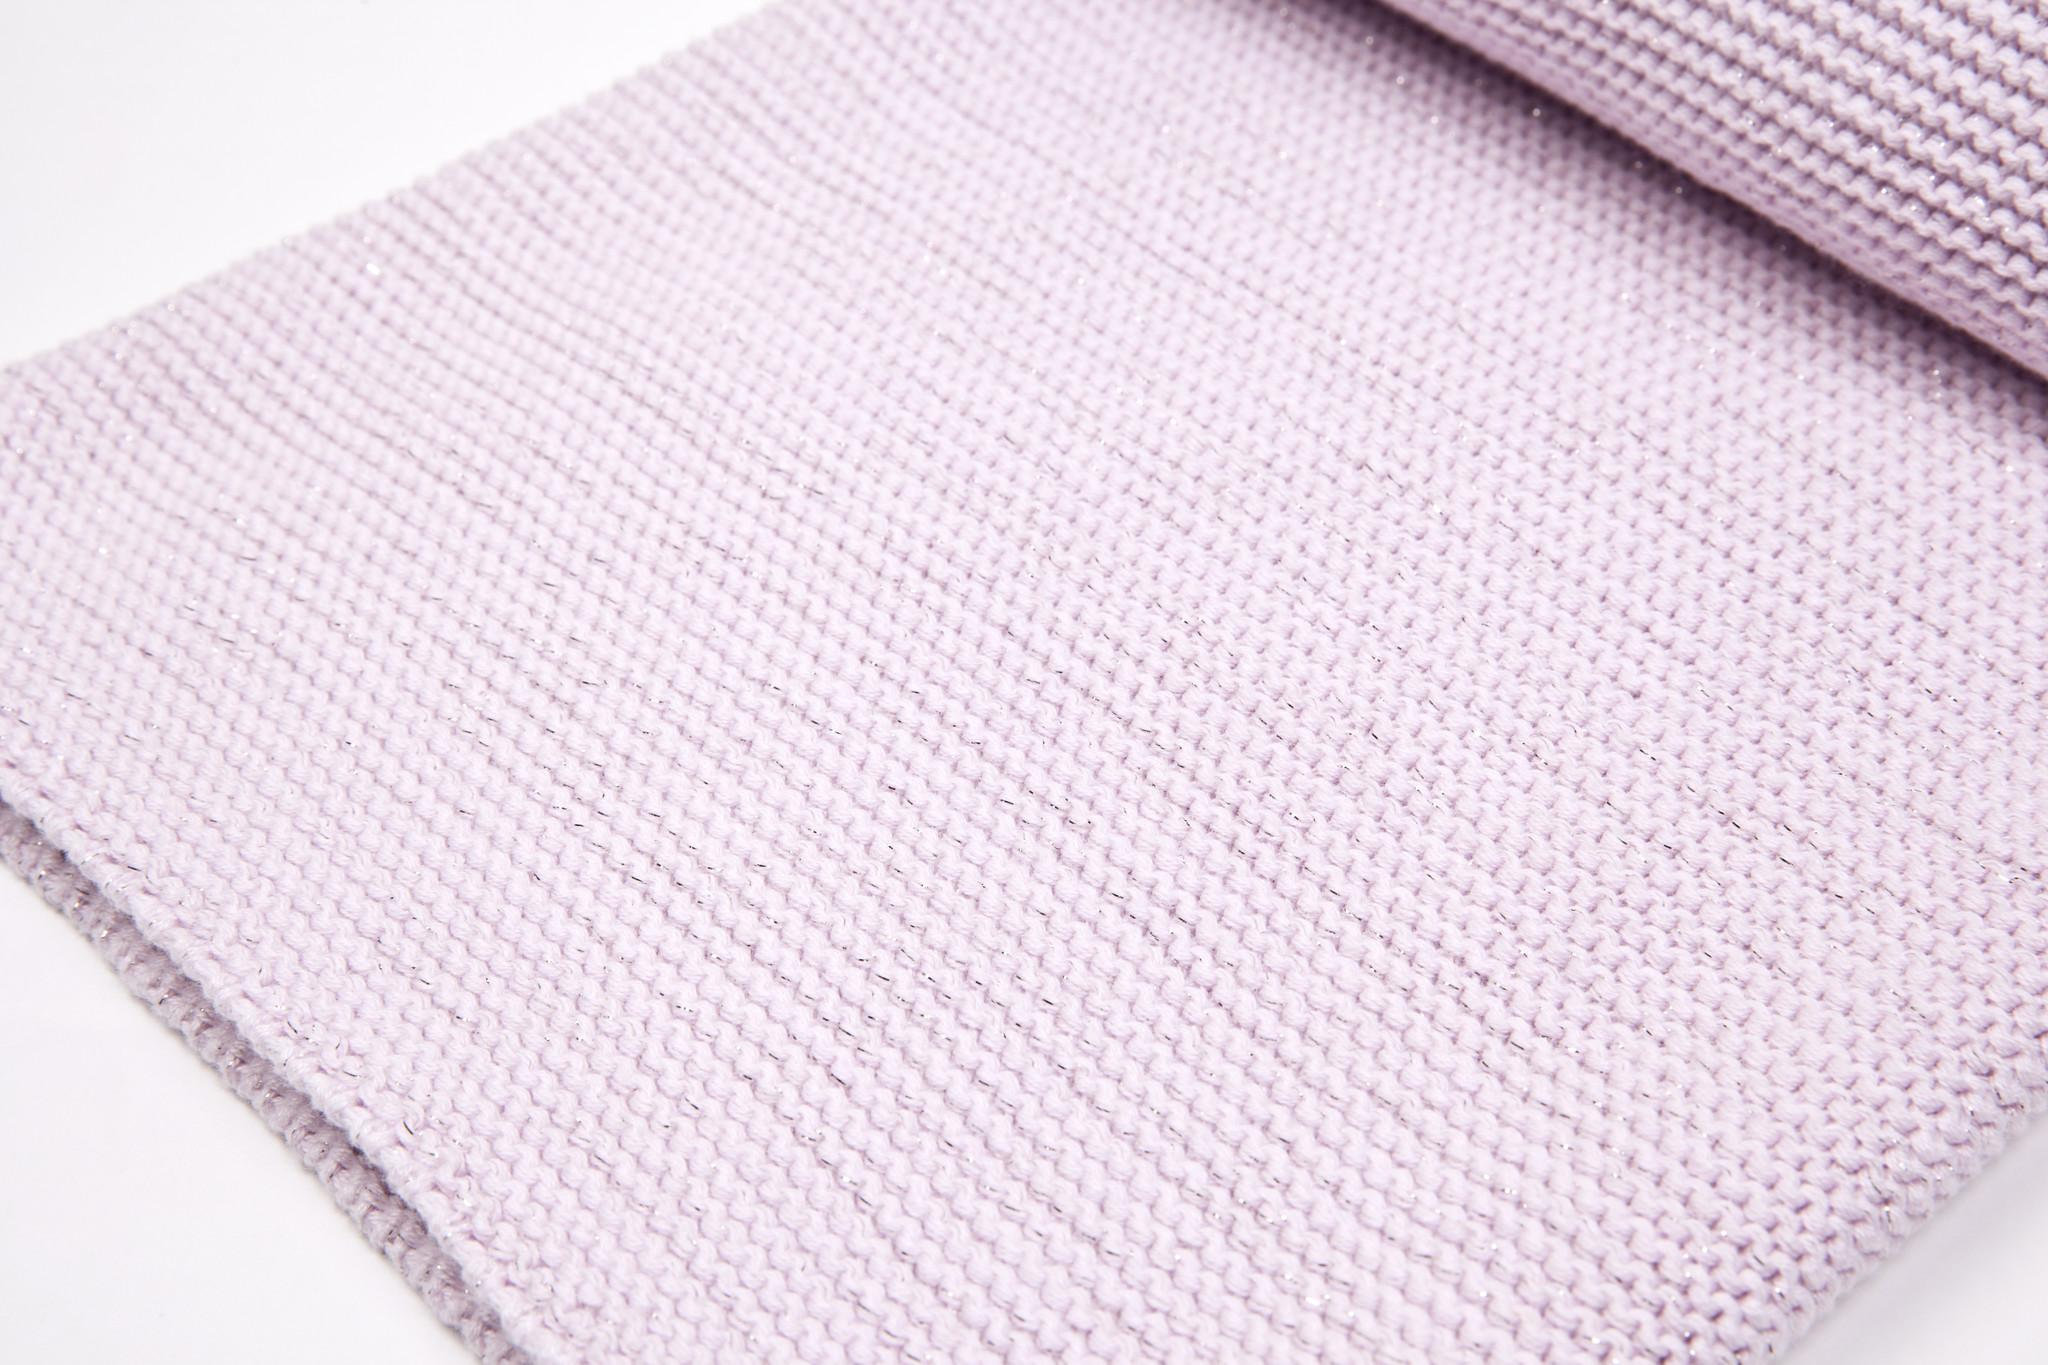 Wieg deken met zachte glans-2